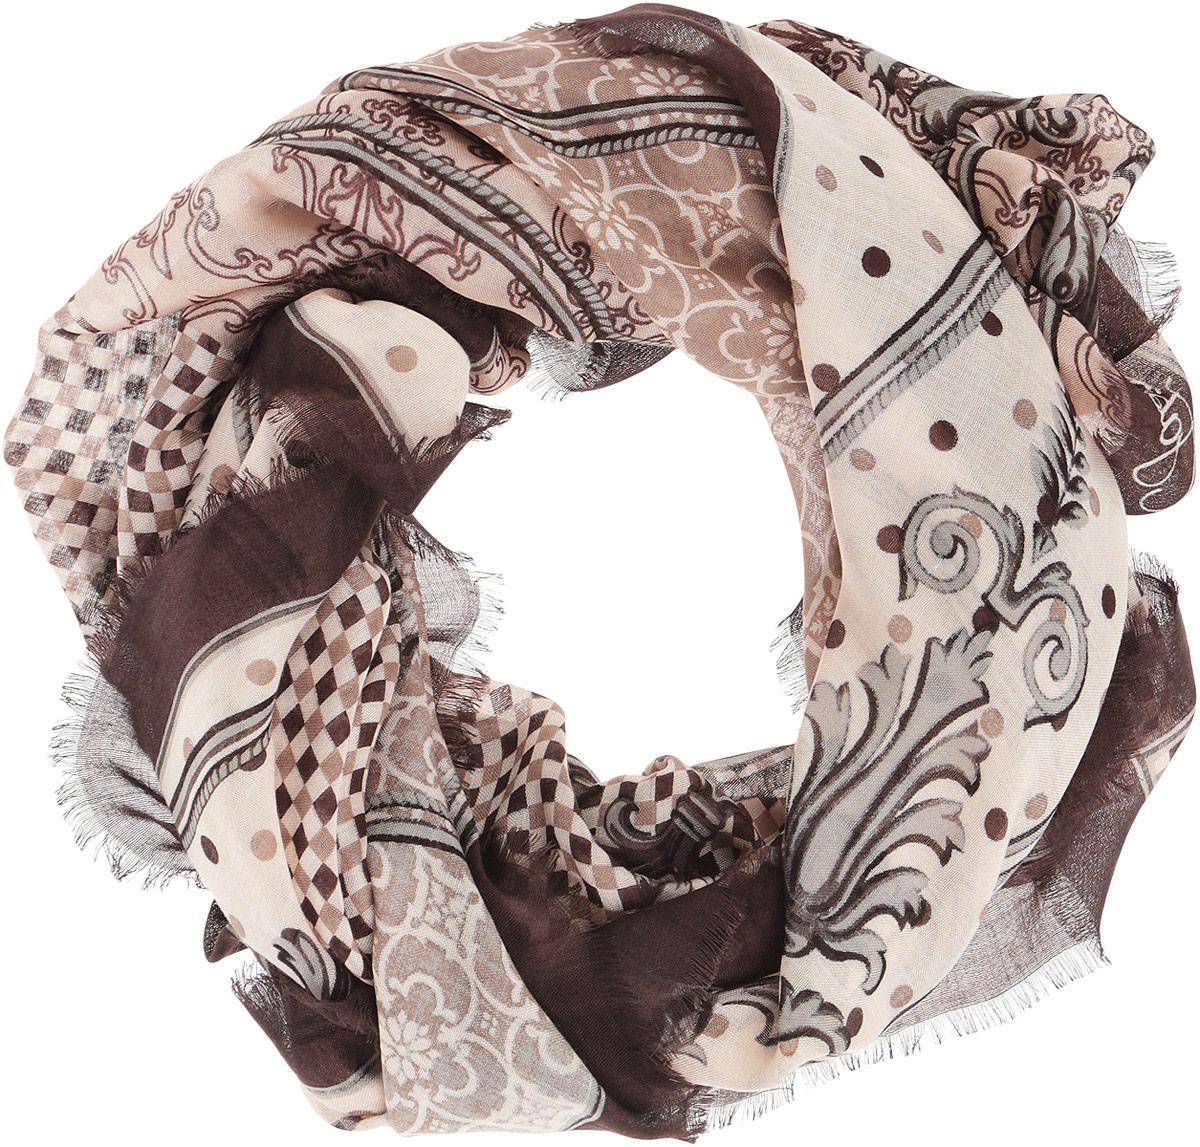 Платок женский. DS2015-003DS2015-003-11Стильный женский платок Fabretti станет великолепным завершением любого наряда. Платок изготовлен из высококачественного модала с добавлением вискозы и оформлен принтом в мелкую клетку с цветочными орнаментами. Классическая квадратная форма позволяет носить платок на шее, украшать им прическу или декорировать сумочку. Мягкий и шелковистый платок поможет вам создать изысканный женственный образ, а также согреет в непогоду. Такой платок превосходно дополнит любой наряд и подчеркнет ваш неповторимый вкус и элегантность.